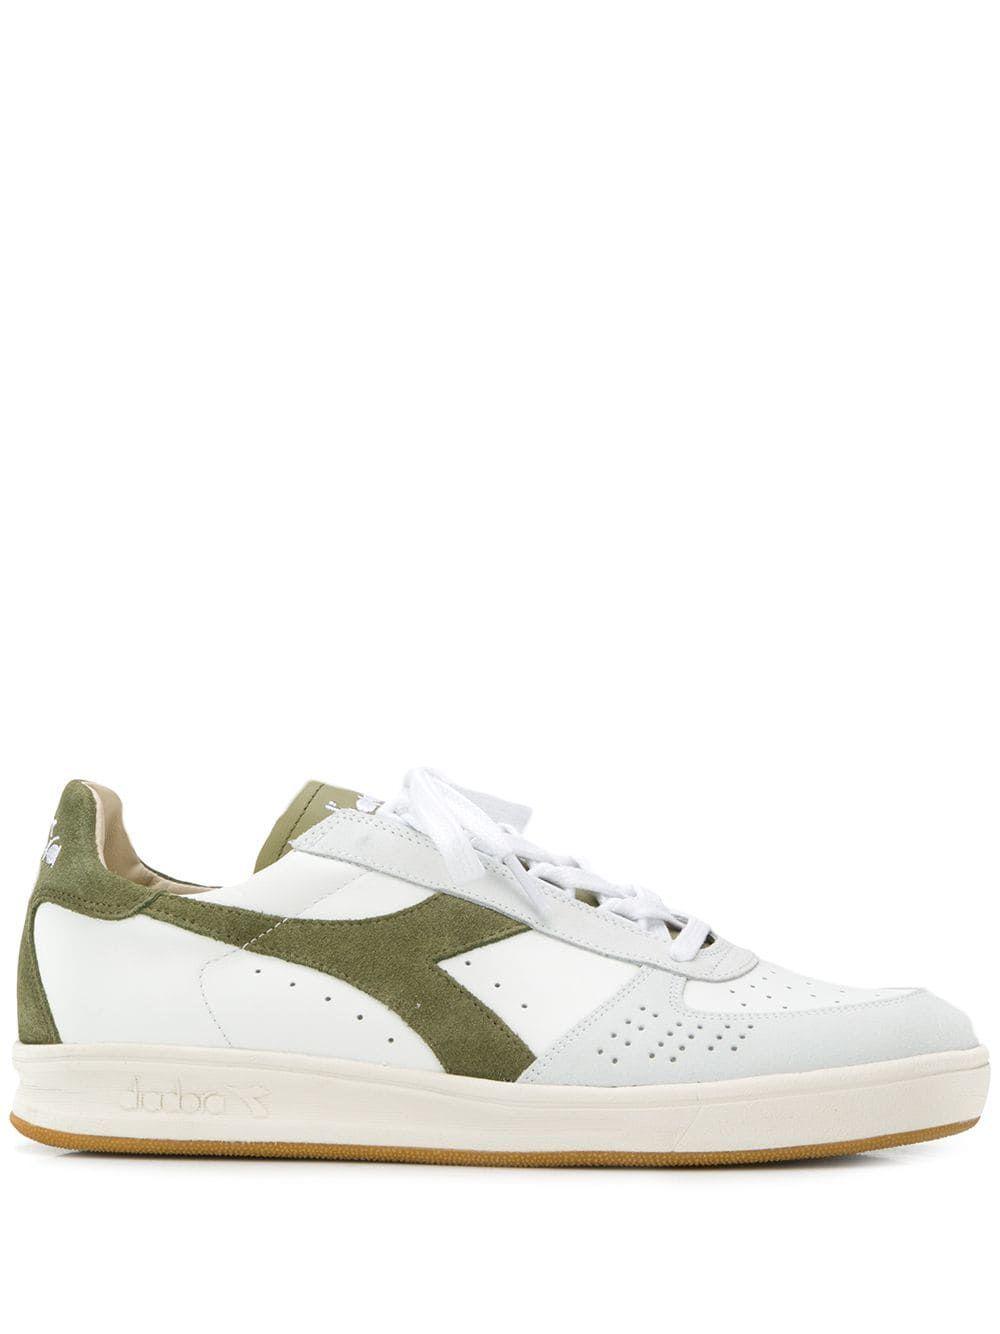 0c6b0feb DIADORA DIADORA LOGO EMBROIDERED SNEAKERS - WHITE. #diadora #shoes ...